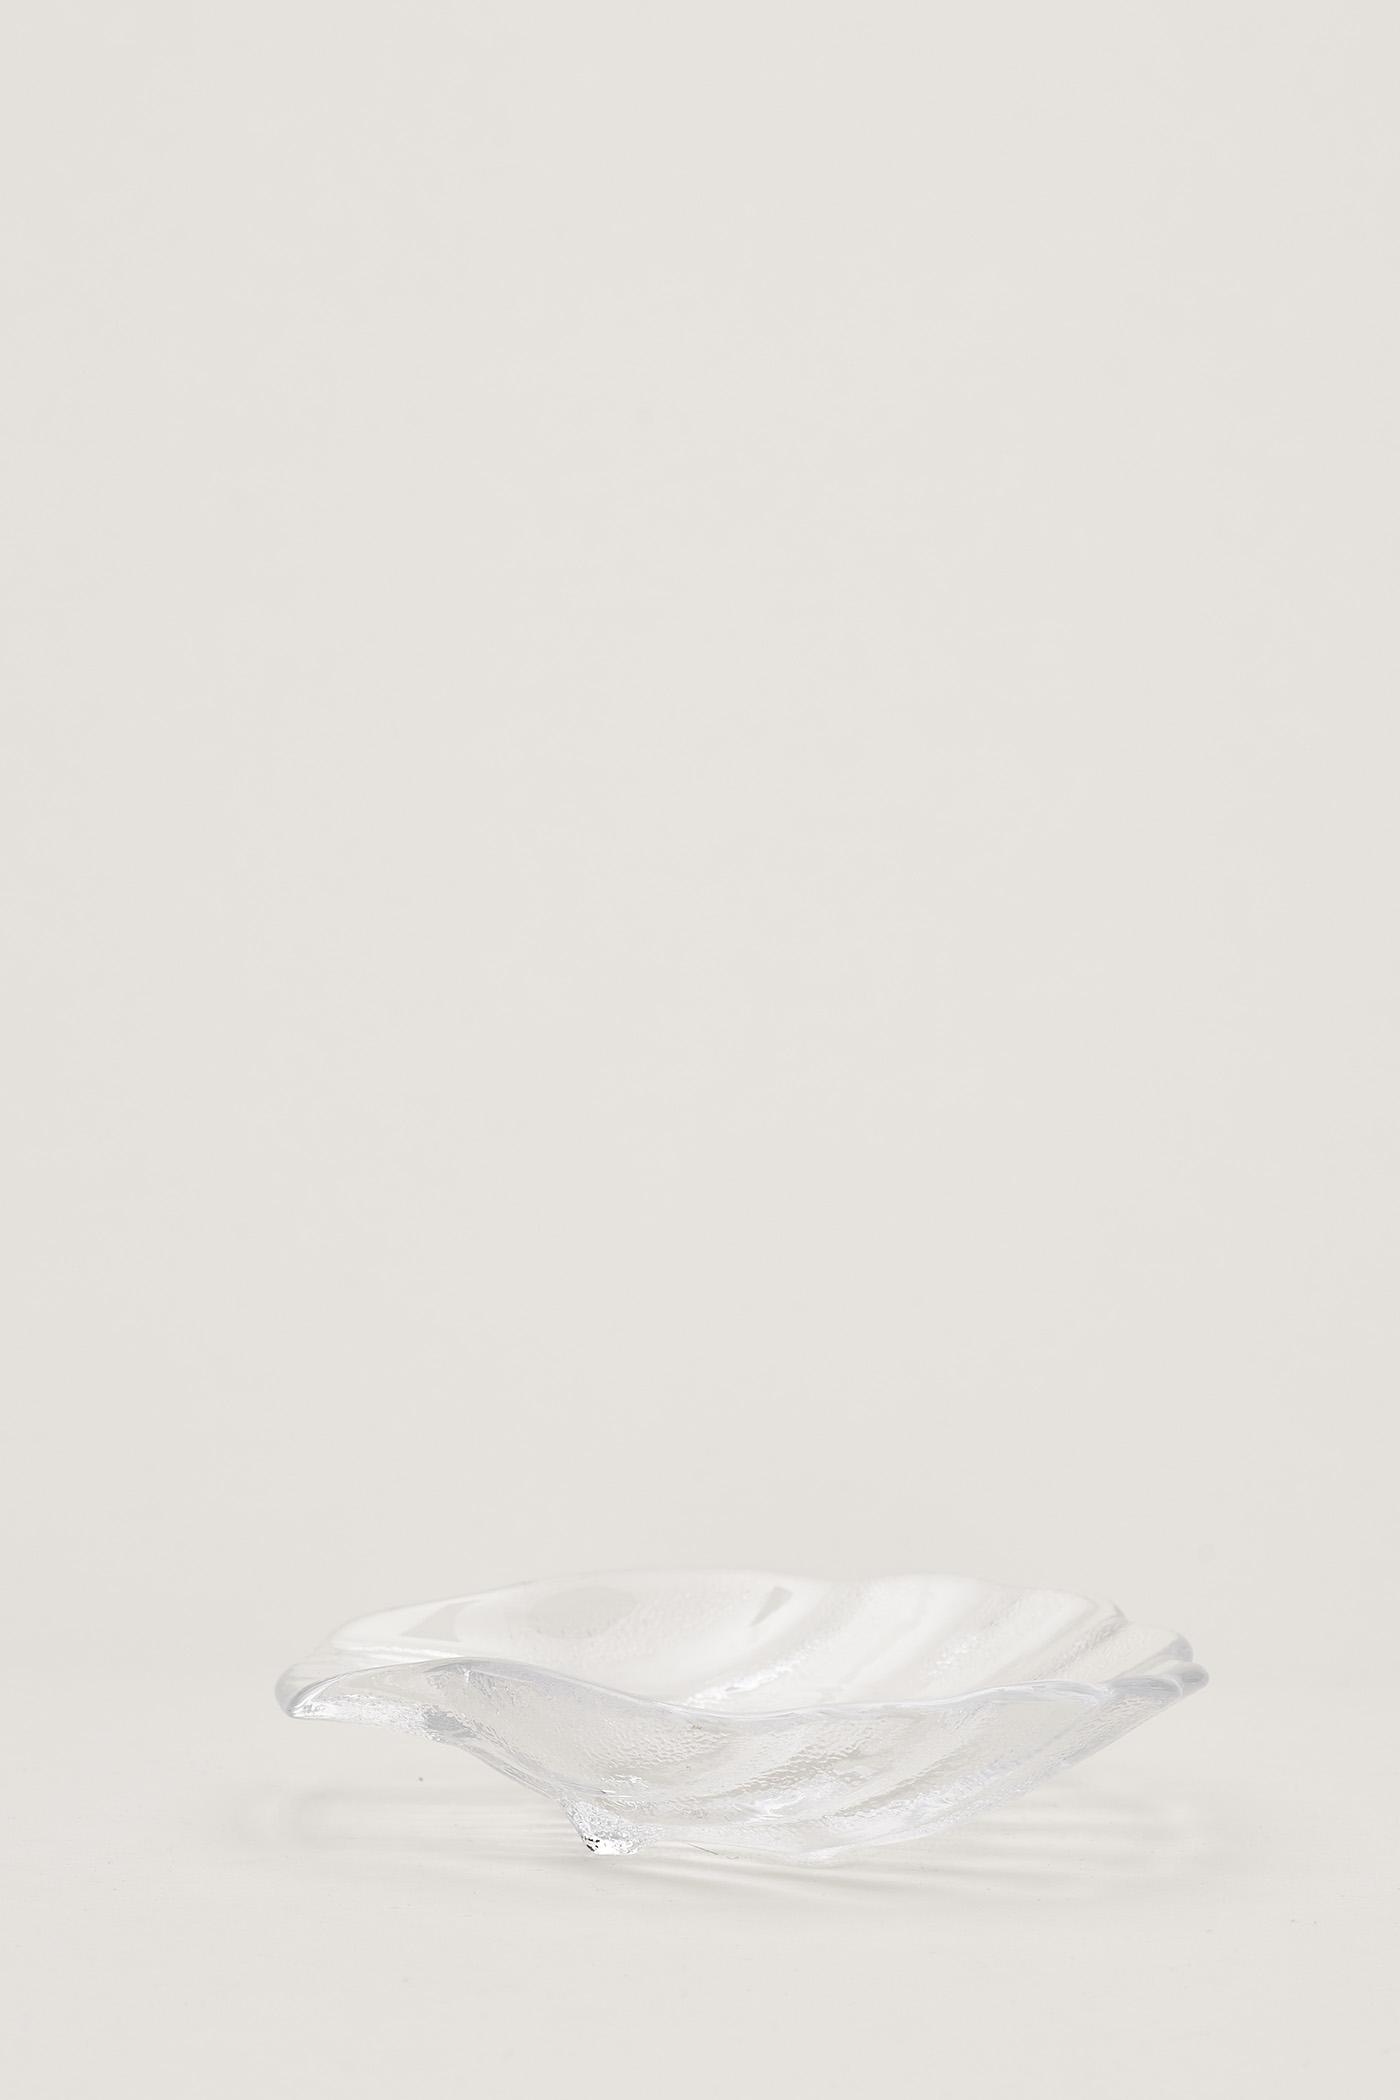 Taina Shell-Shaped Dish